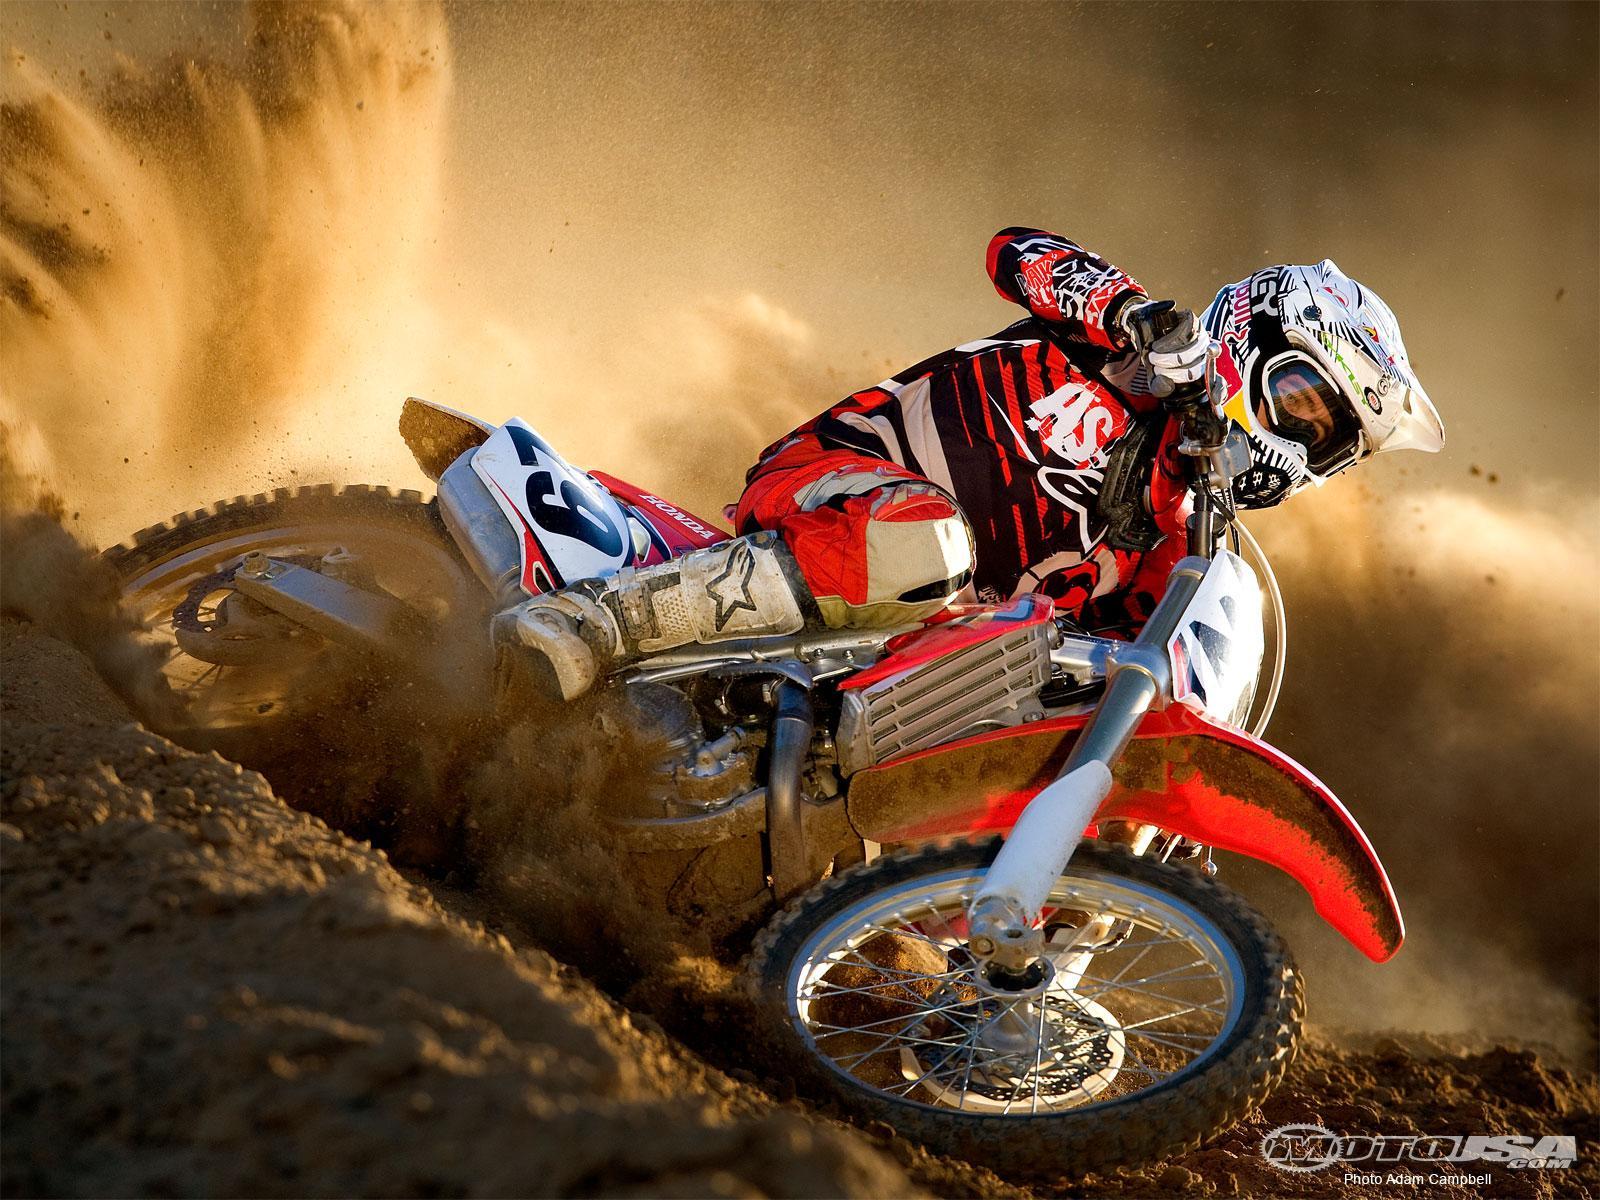 48 Cool Dirt Bike Wallpapers On Wallpapersafari